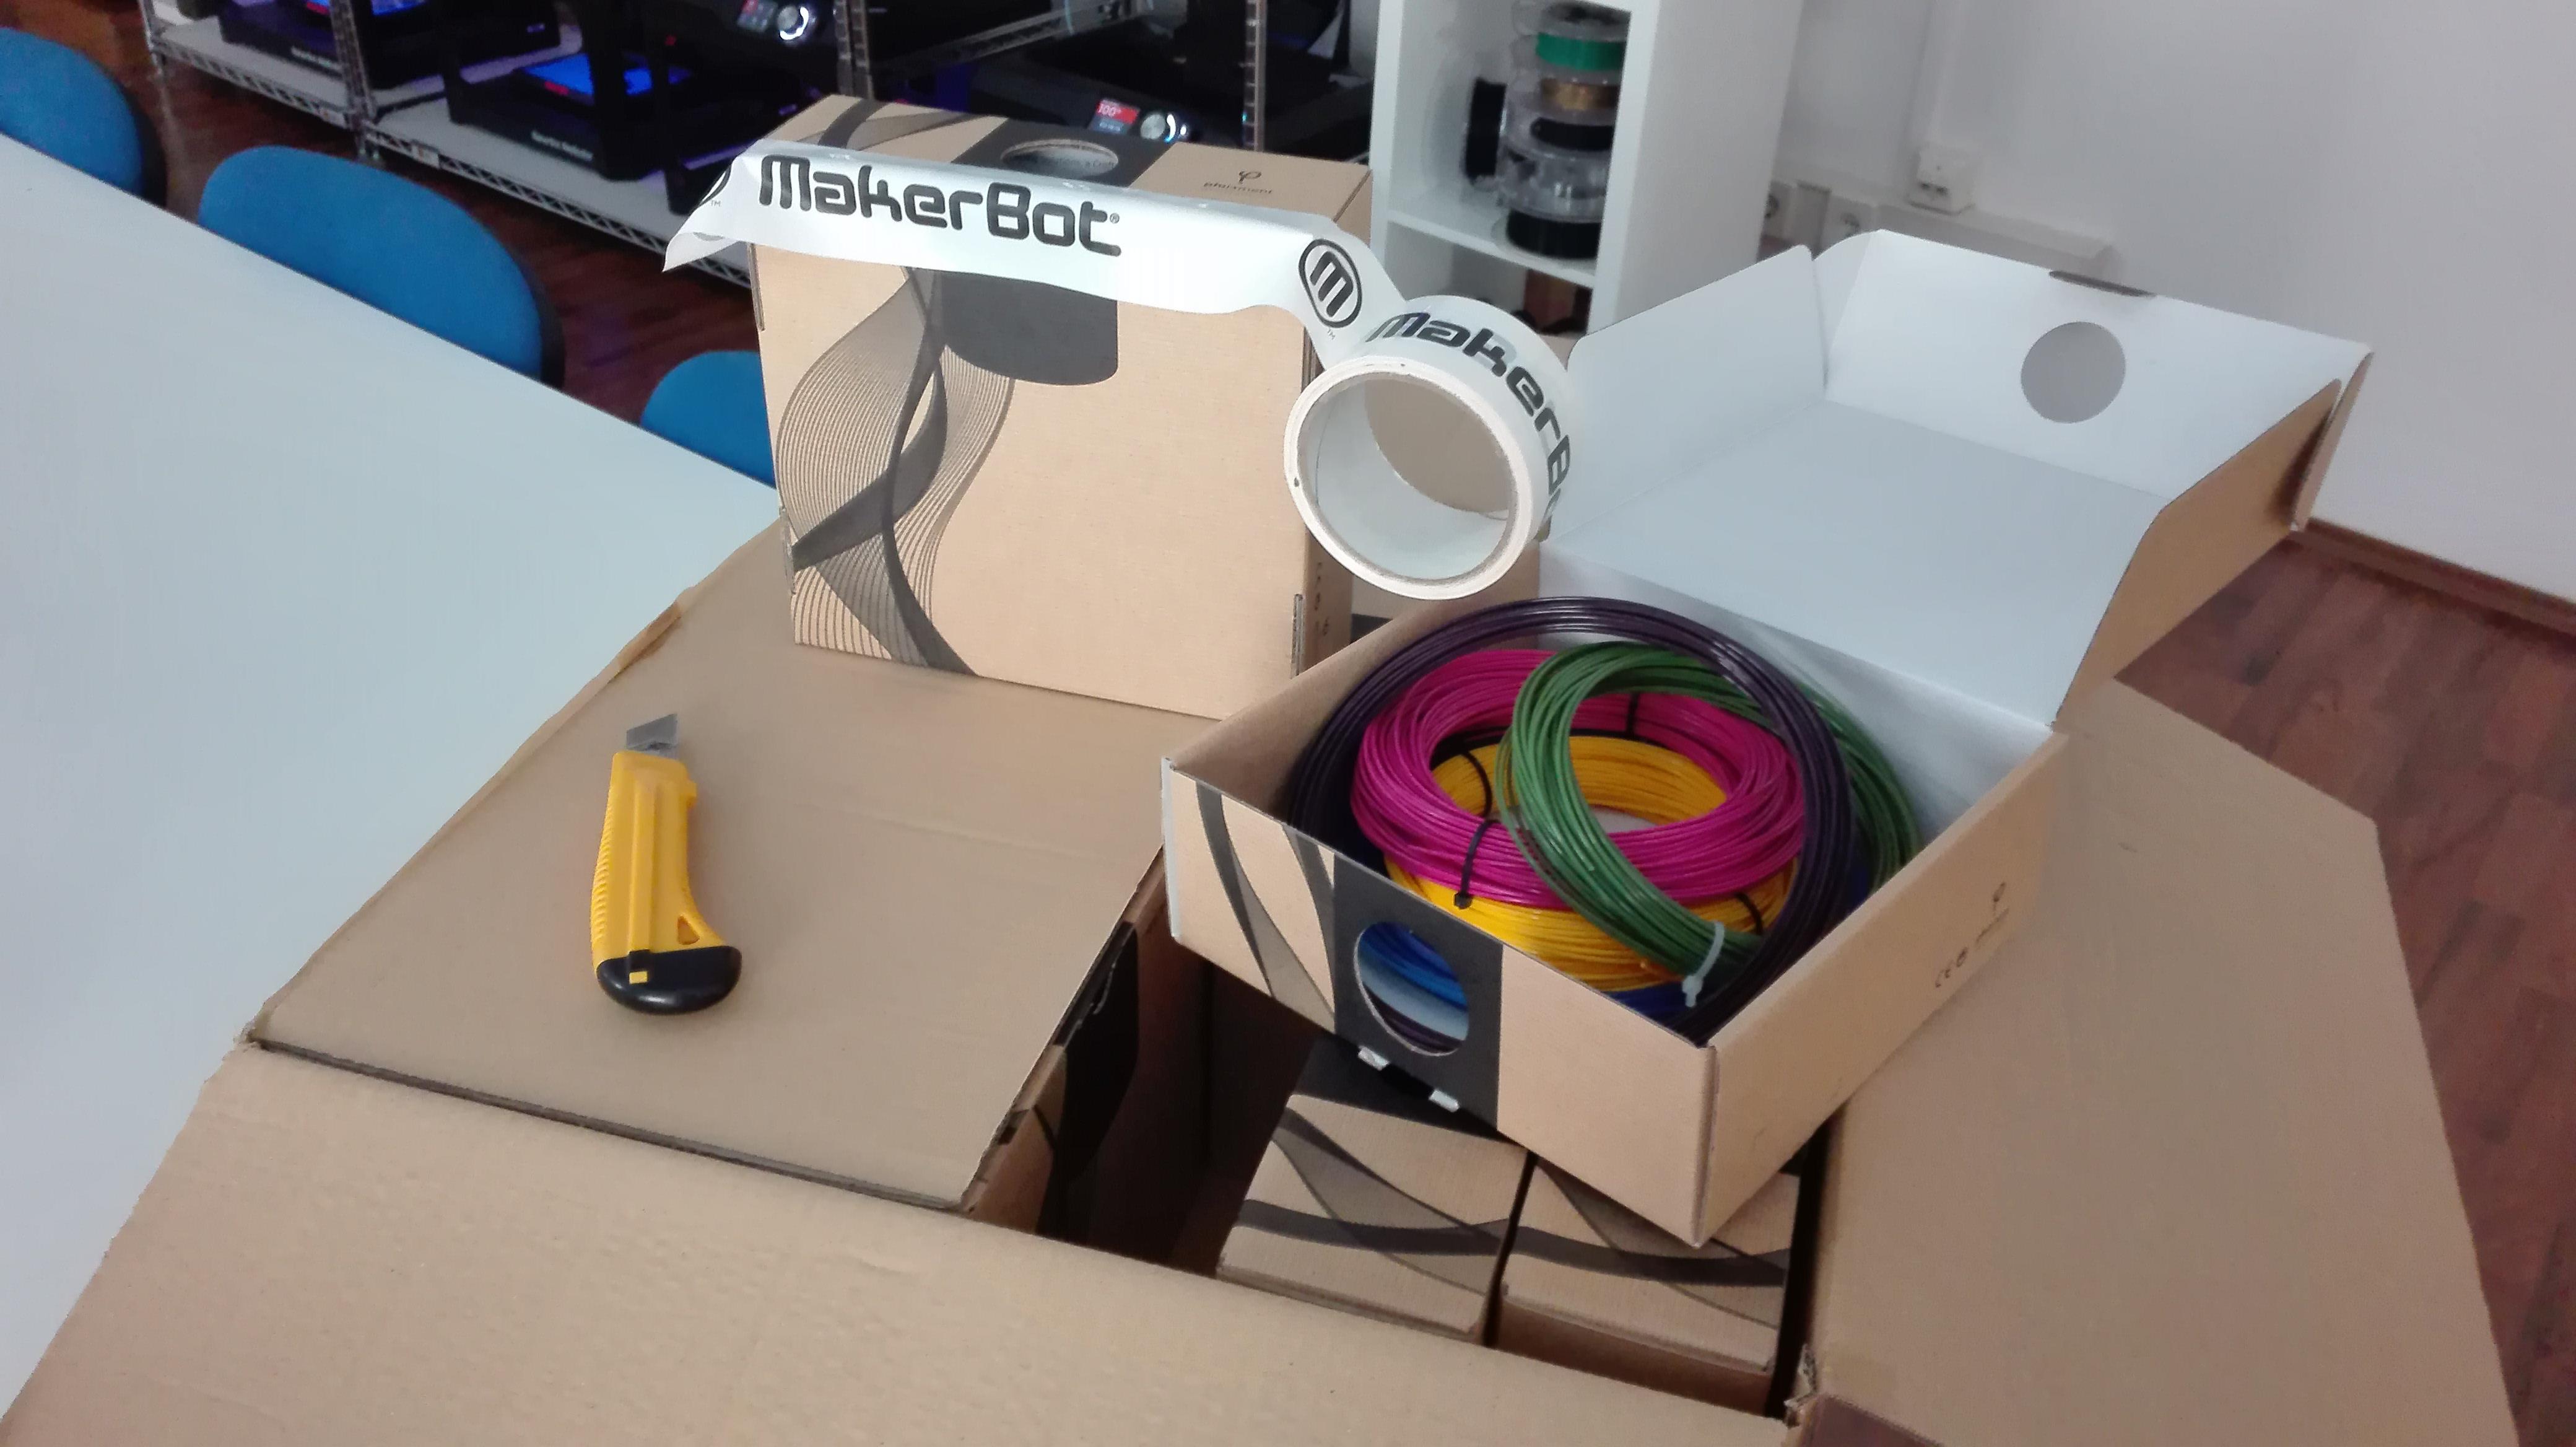 tanévnyitó ajándék filament